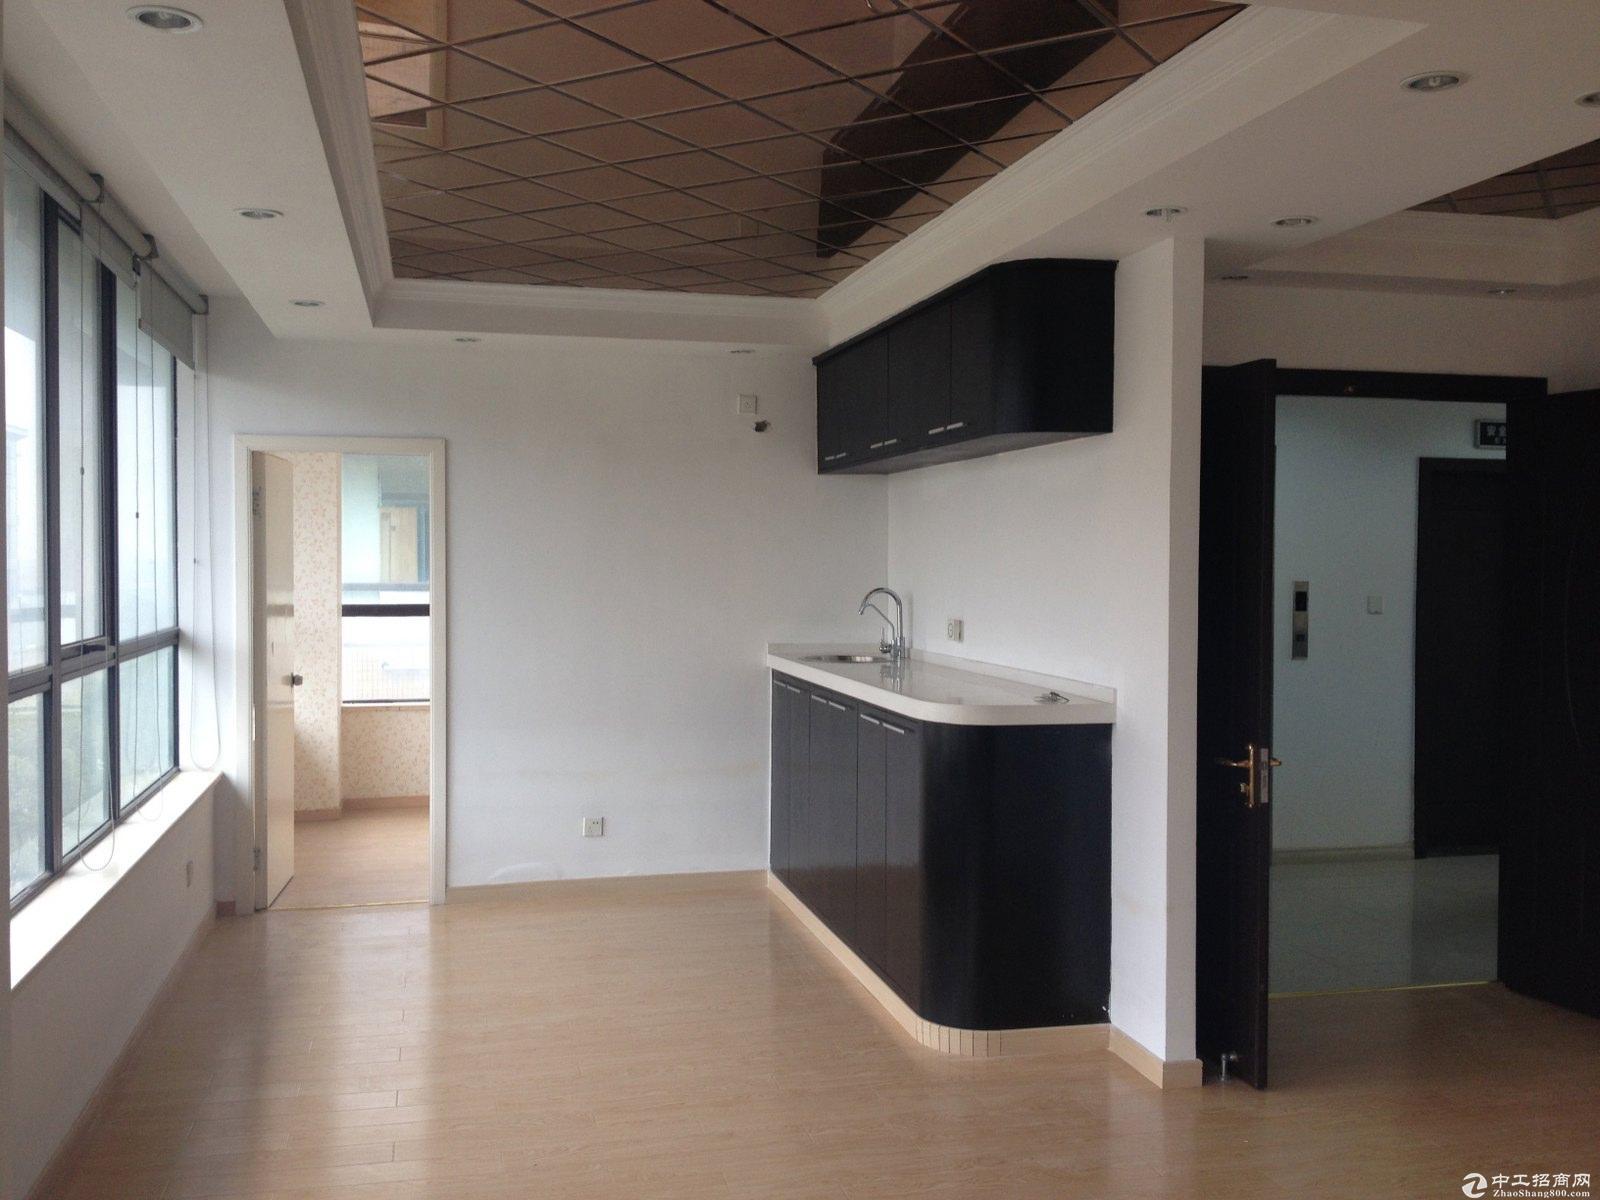 生产+办公+研发 2450平米独栋现房租售